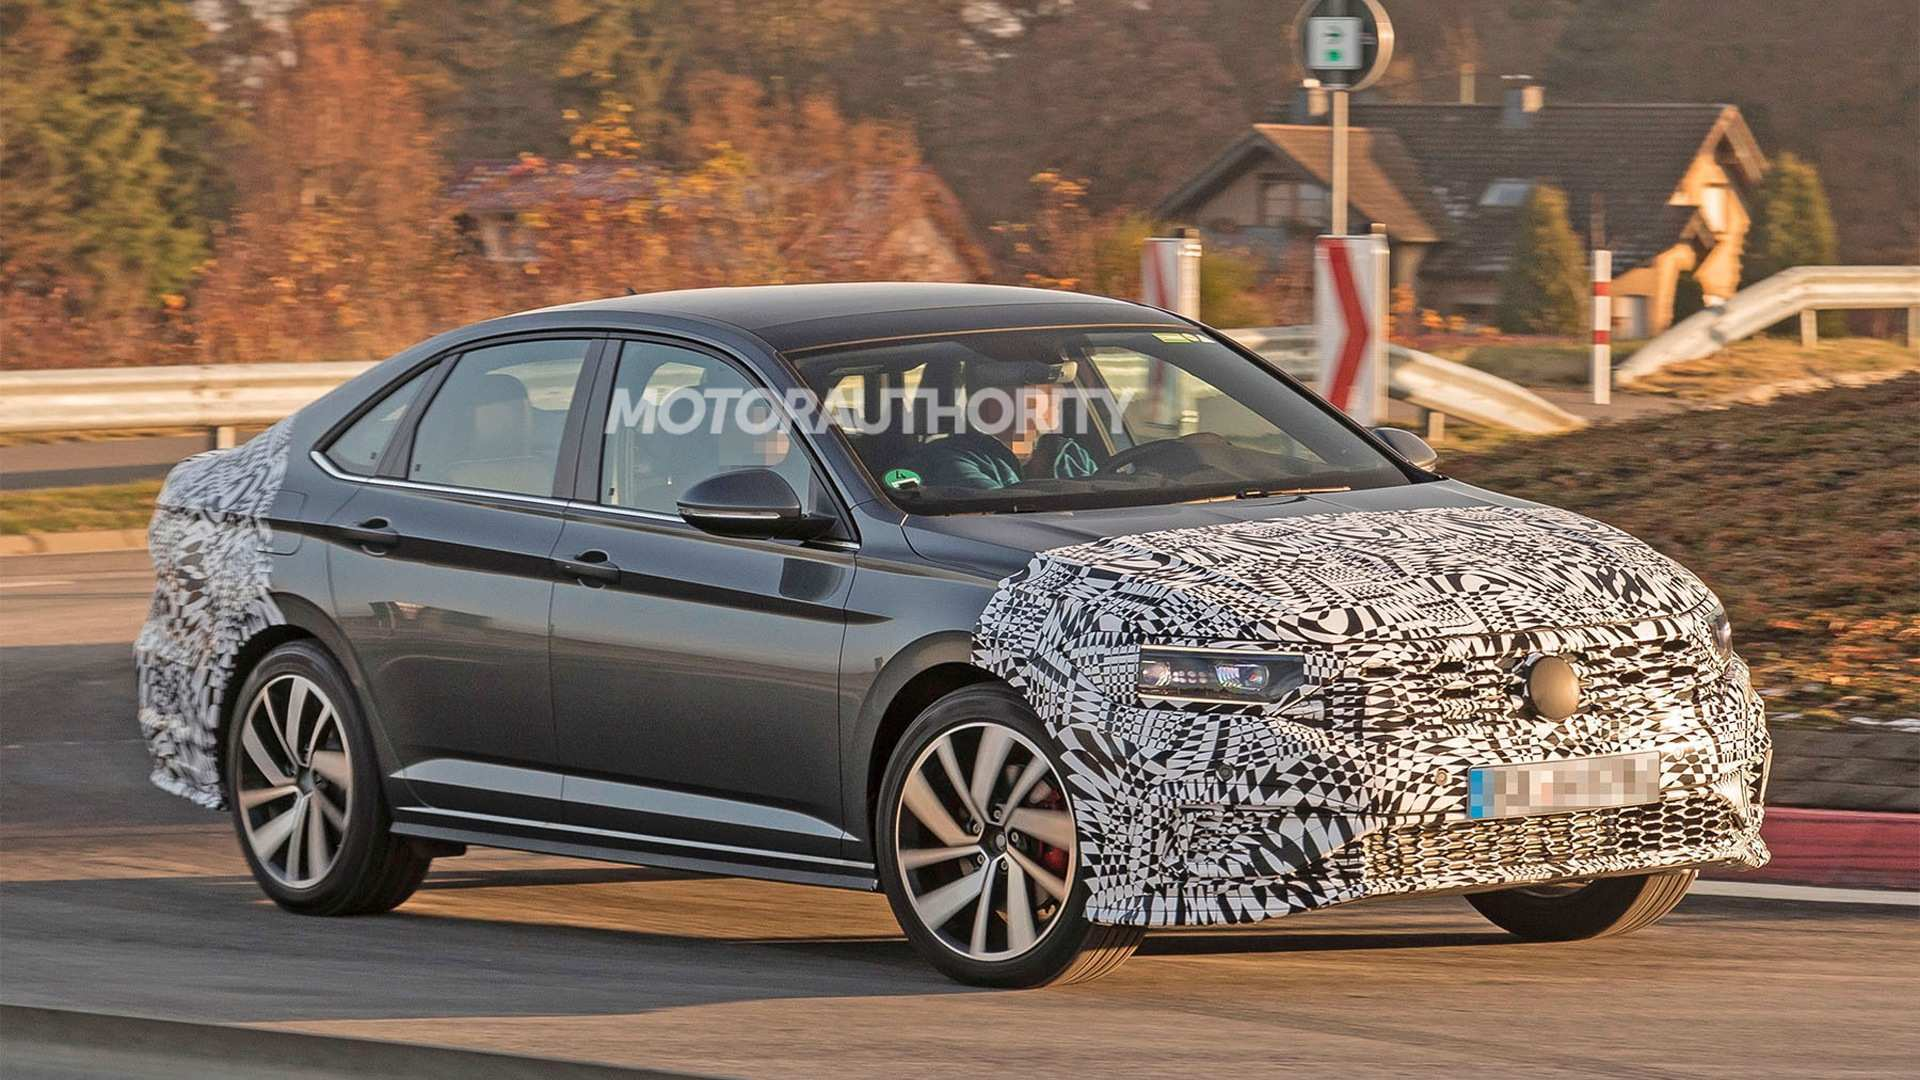 54 Great Volkswagen Jetta 2020 Usa Redesign by Volkswagen Jetta 2020 Usa